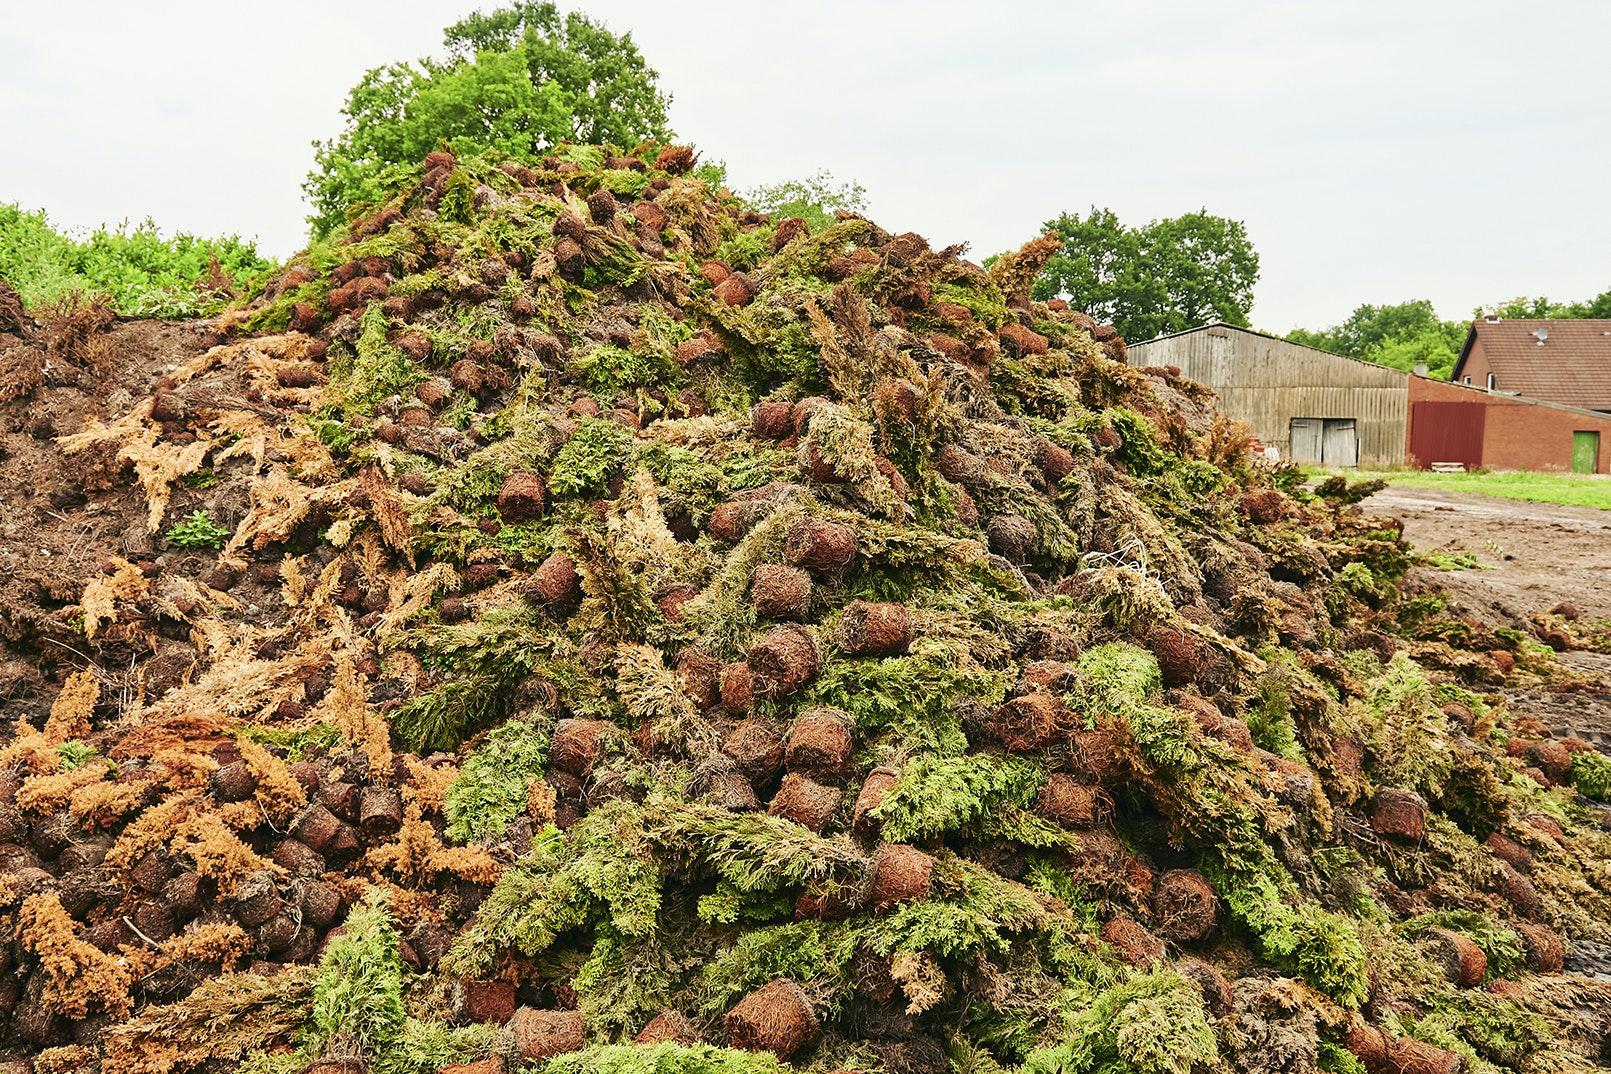 """Der """"Covid-19-Komposthaufen"""" der Baumschule Schlangen: sechs Meter hoch, 40 Meter lang und 1,4 Millionen Euro teuer.  Foto: © Foto- und Bilderwerk - <a href=""""http://www.bilderwerk.org/"""">www.bilderwerk.org</a>"""